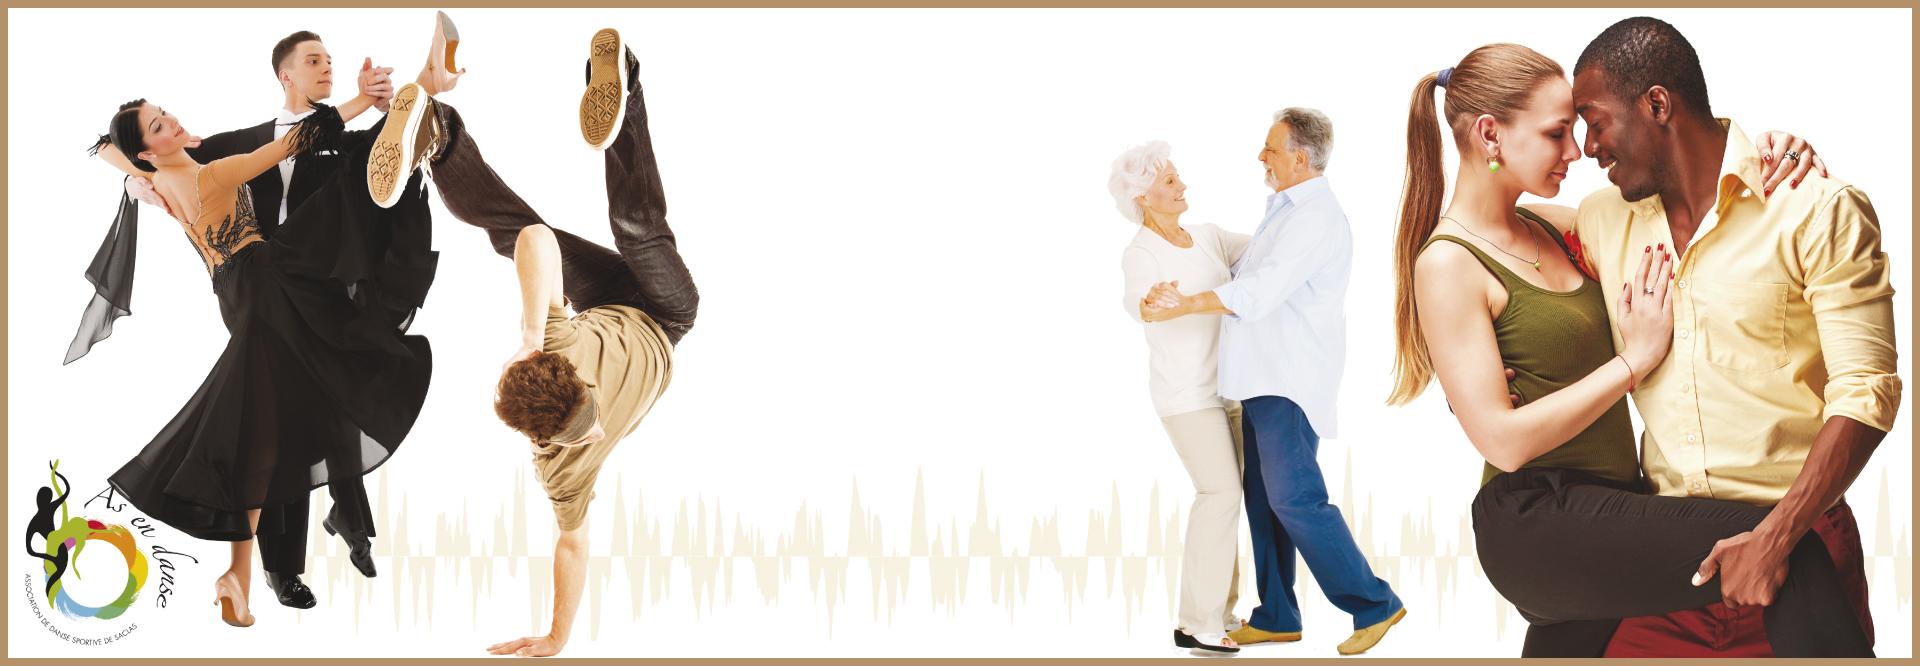 As en danse. Niveaux débutant, intermédiaire et compétiteur.